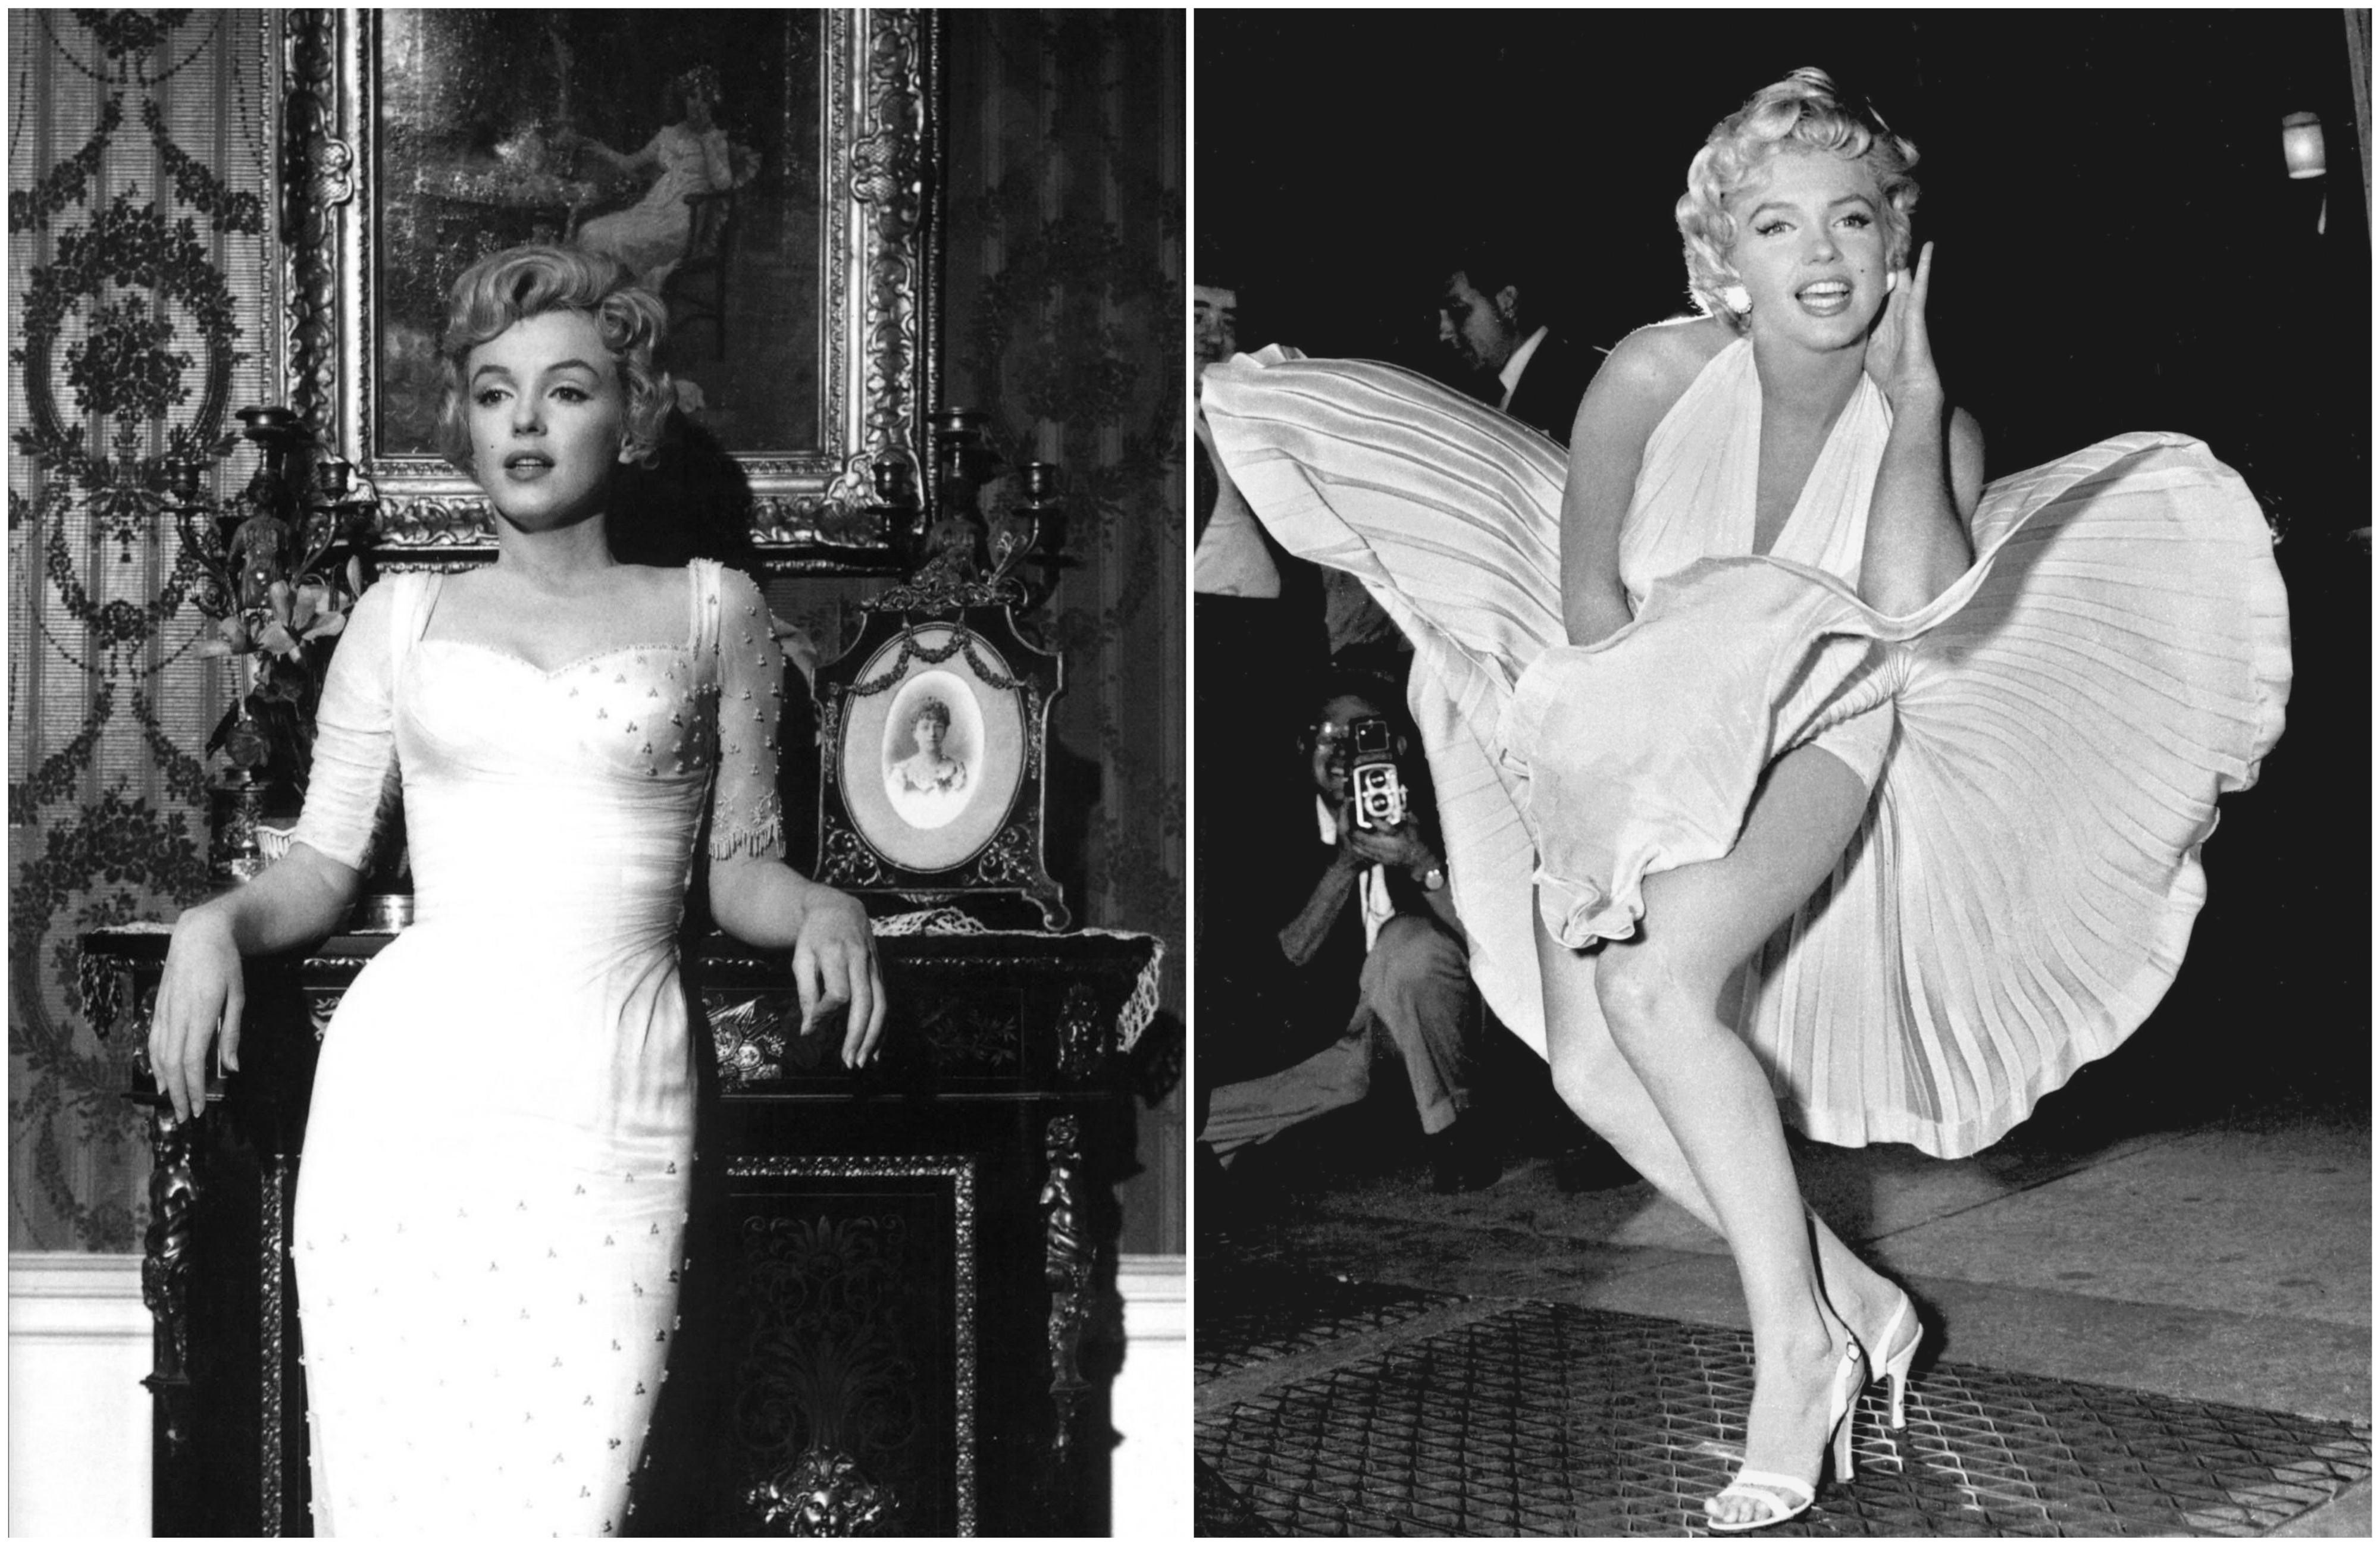 Po lewej Marilyn Monroe w filmie 'Książę i aktoreczka' z 1957 r. Na zdjęciu z prawej - trzy lata wcześniej - podczas słynnej sceny w metrze kręconej na potrzeby filmu 'Słomiany wdowiec' (fot. Milton H. Greene / Wikimedia.org / Domena publiczna / Published by Corpus Christi Caller-Times-photo from Associated Press / Wikimedia.org / Domena publiczna)